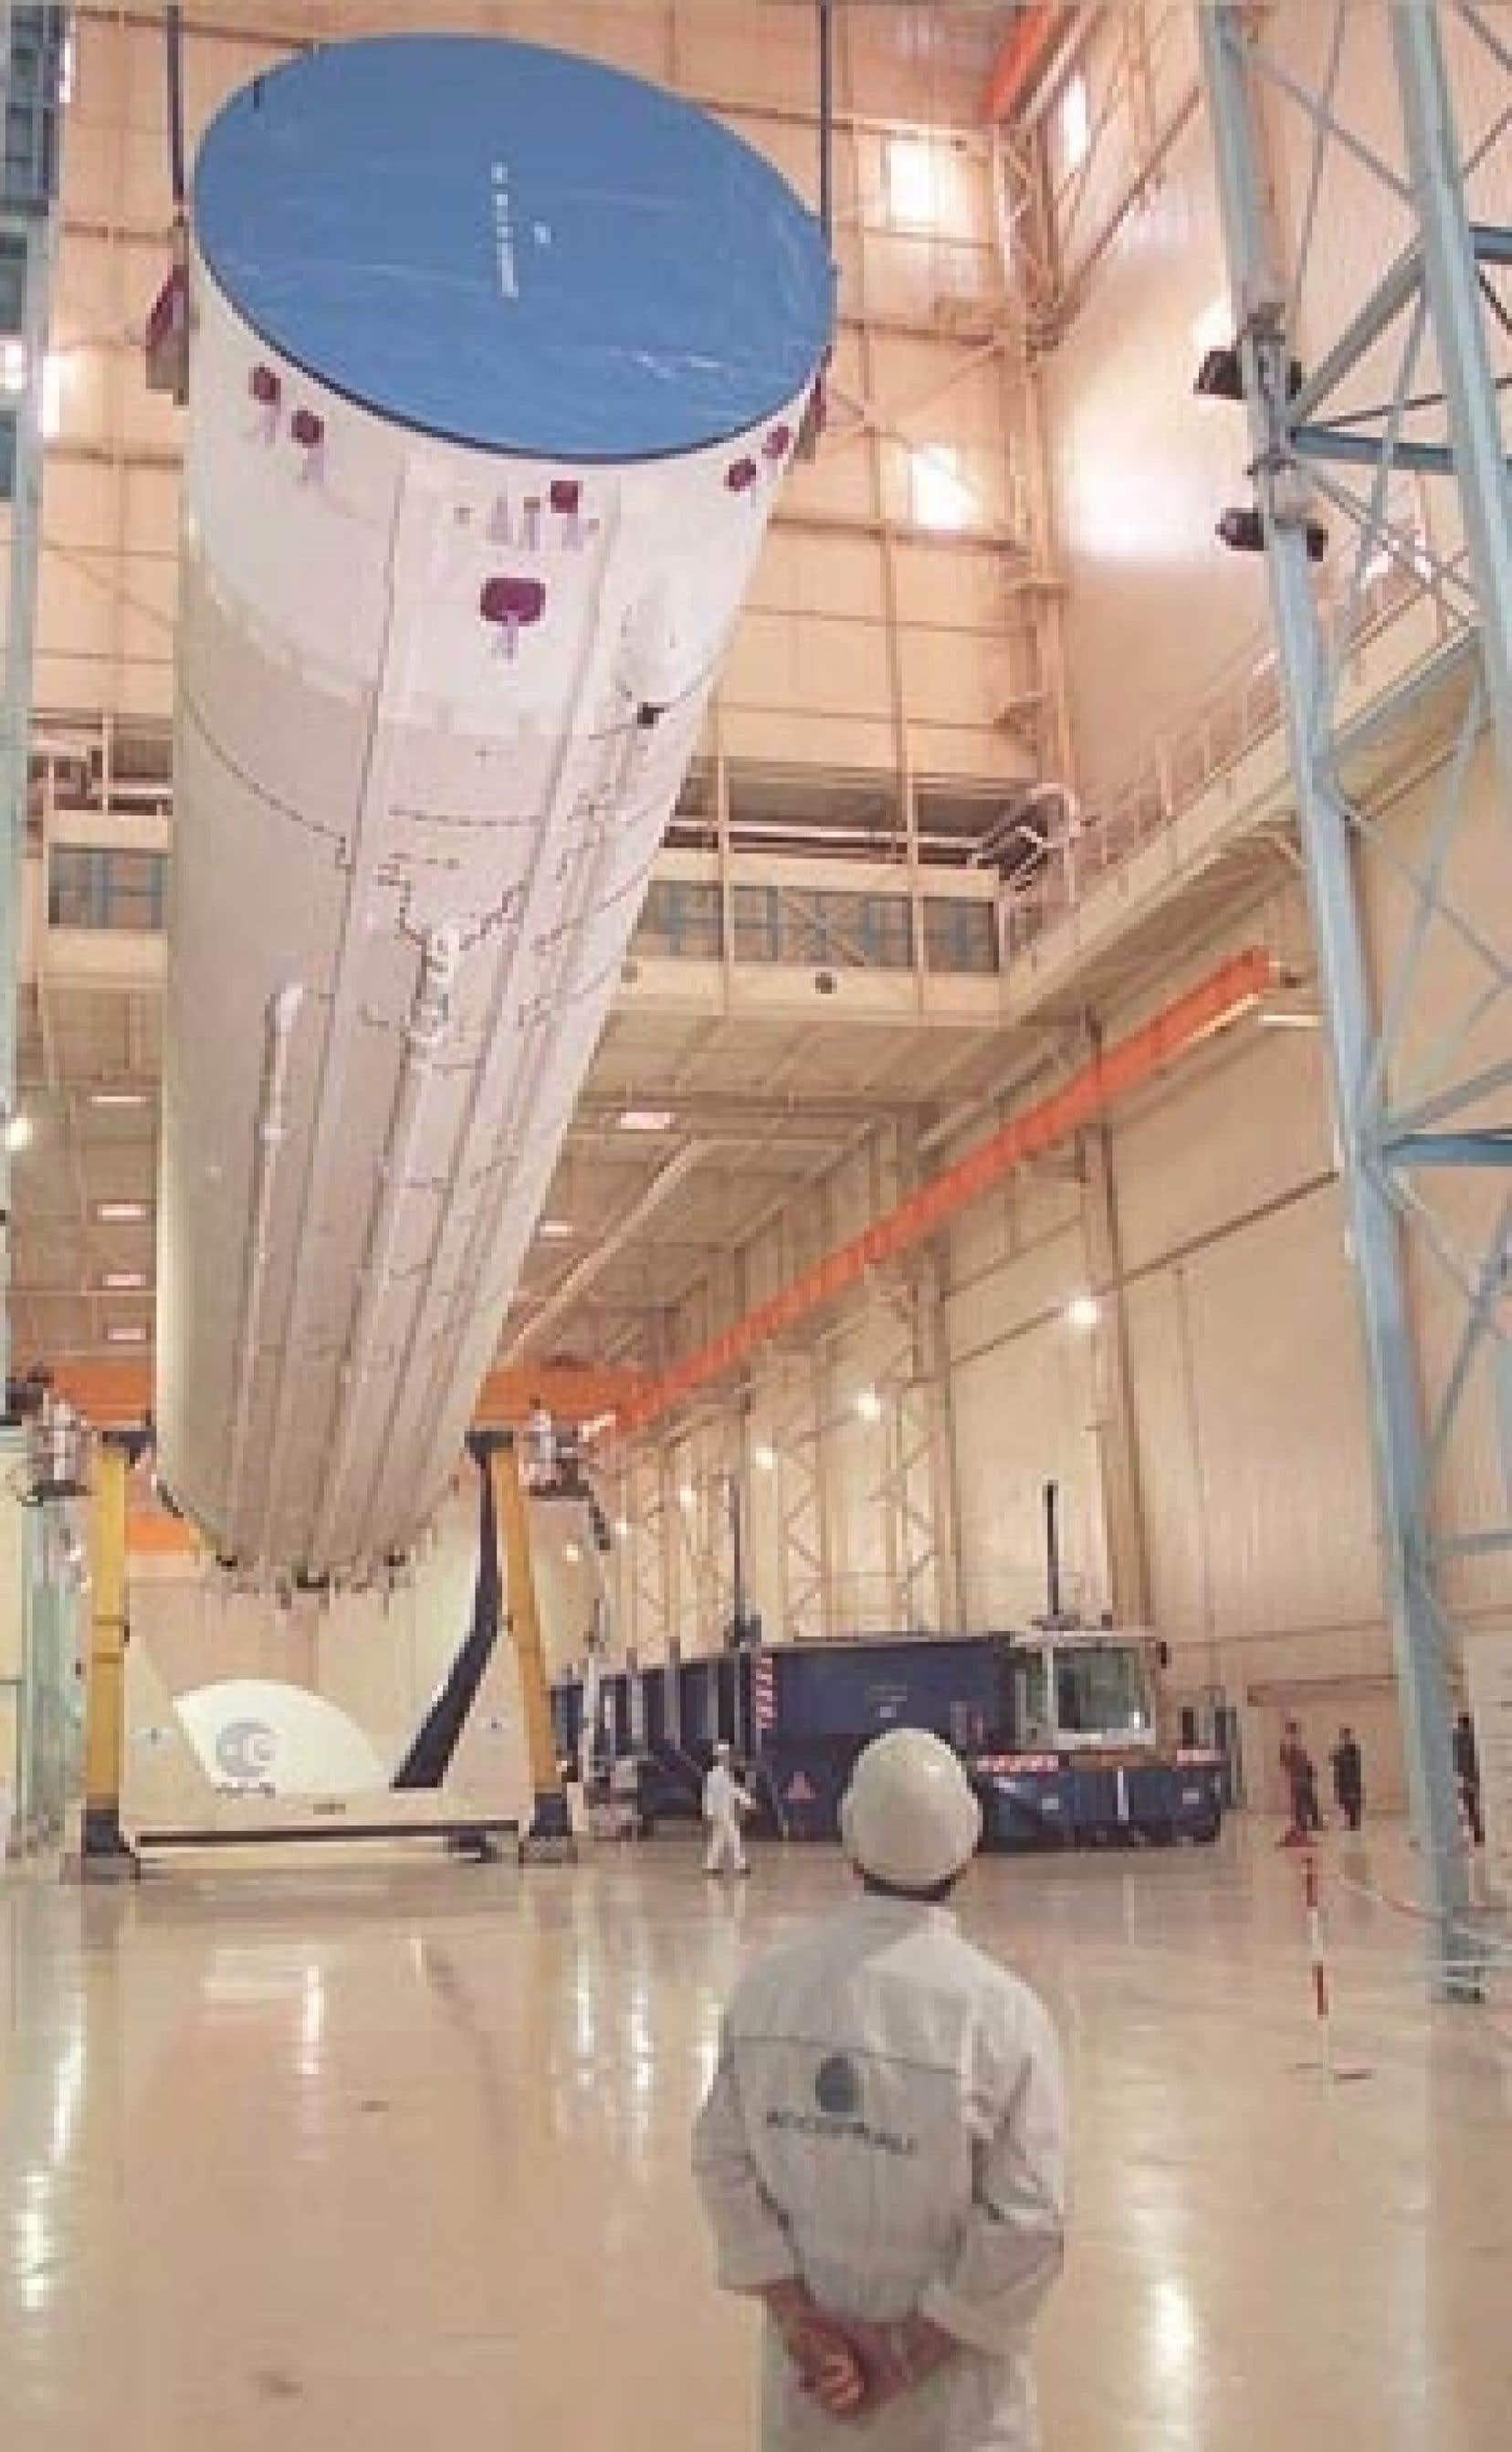 La fusée Ariane 501 photographiée peu avant d'être installée sur son aire de lancement en juin 1996. Ariane 501 a explosé 40 secondes après son décollage, victime d'une panne de son système de navigation, ce qui a entraîné la perte des quat